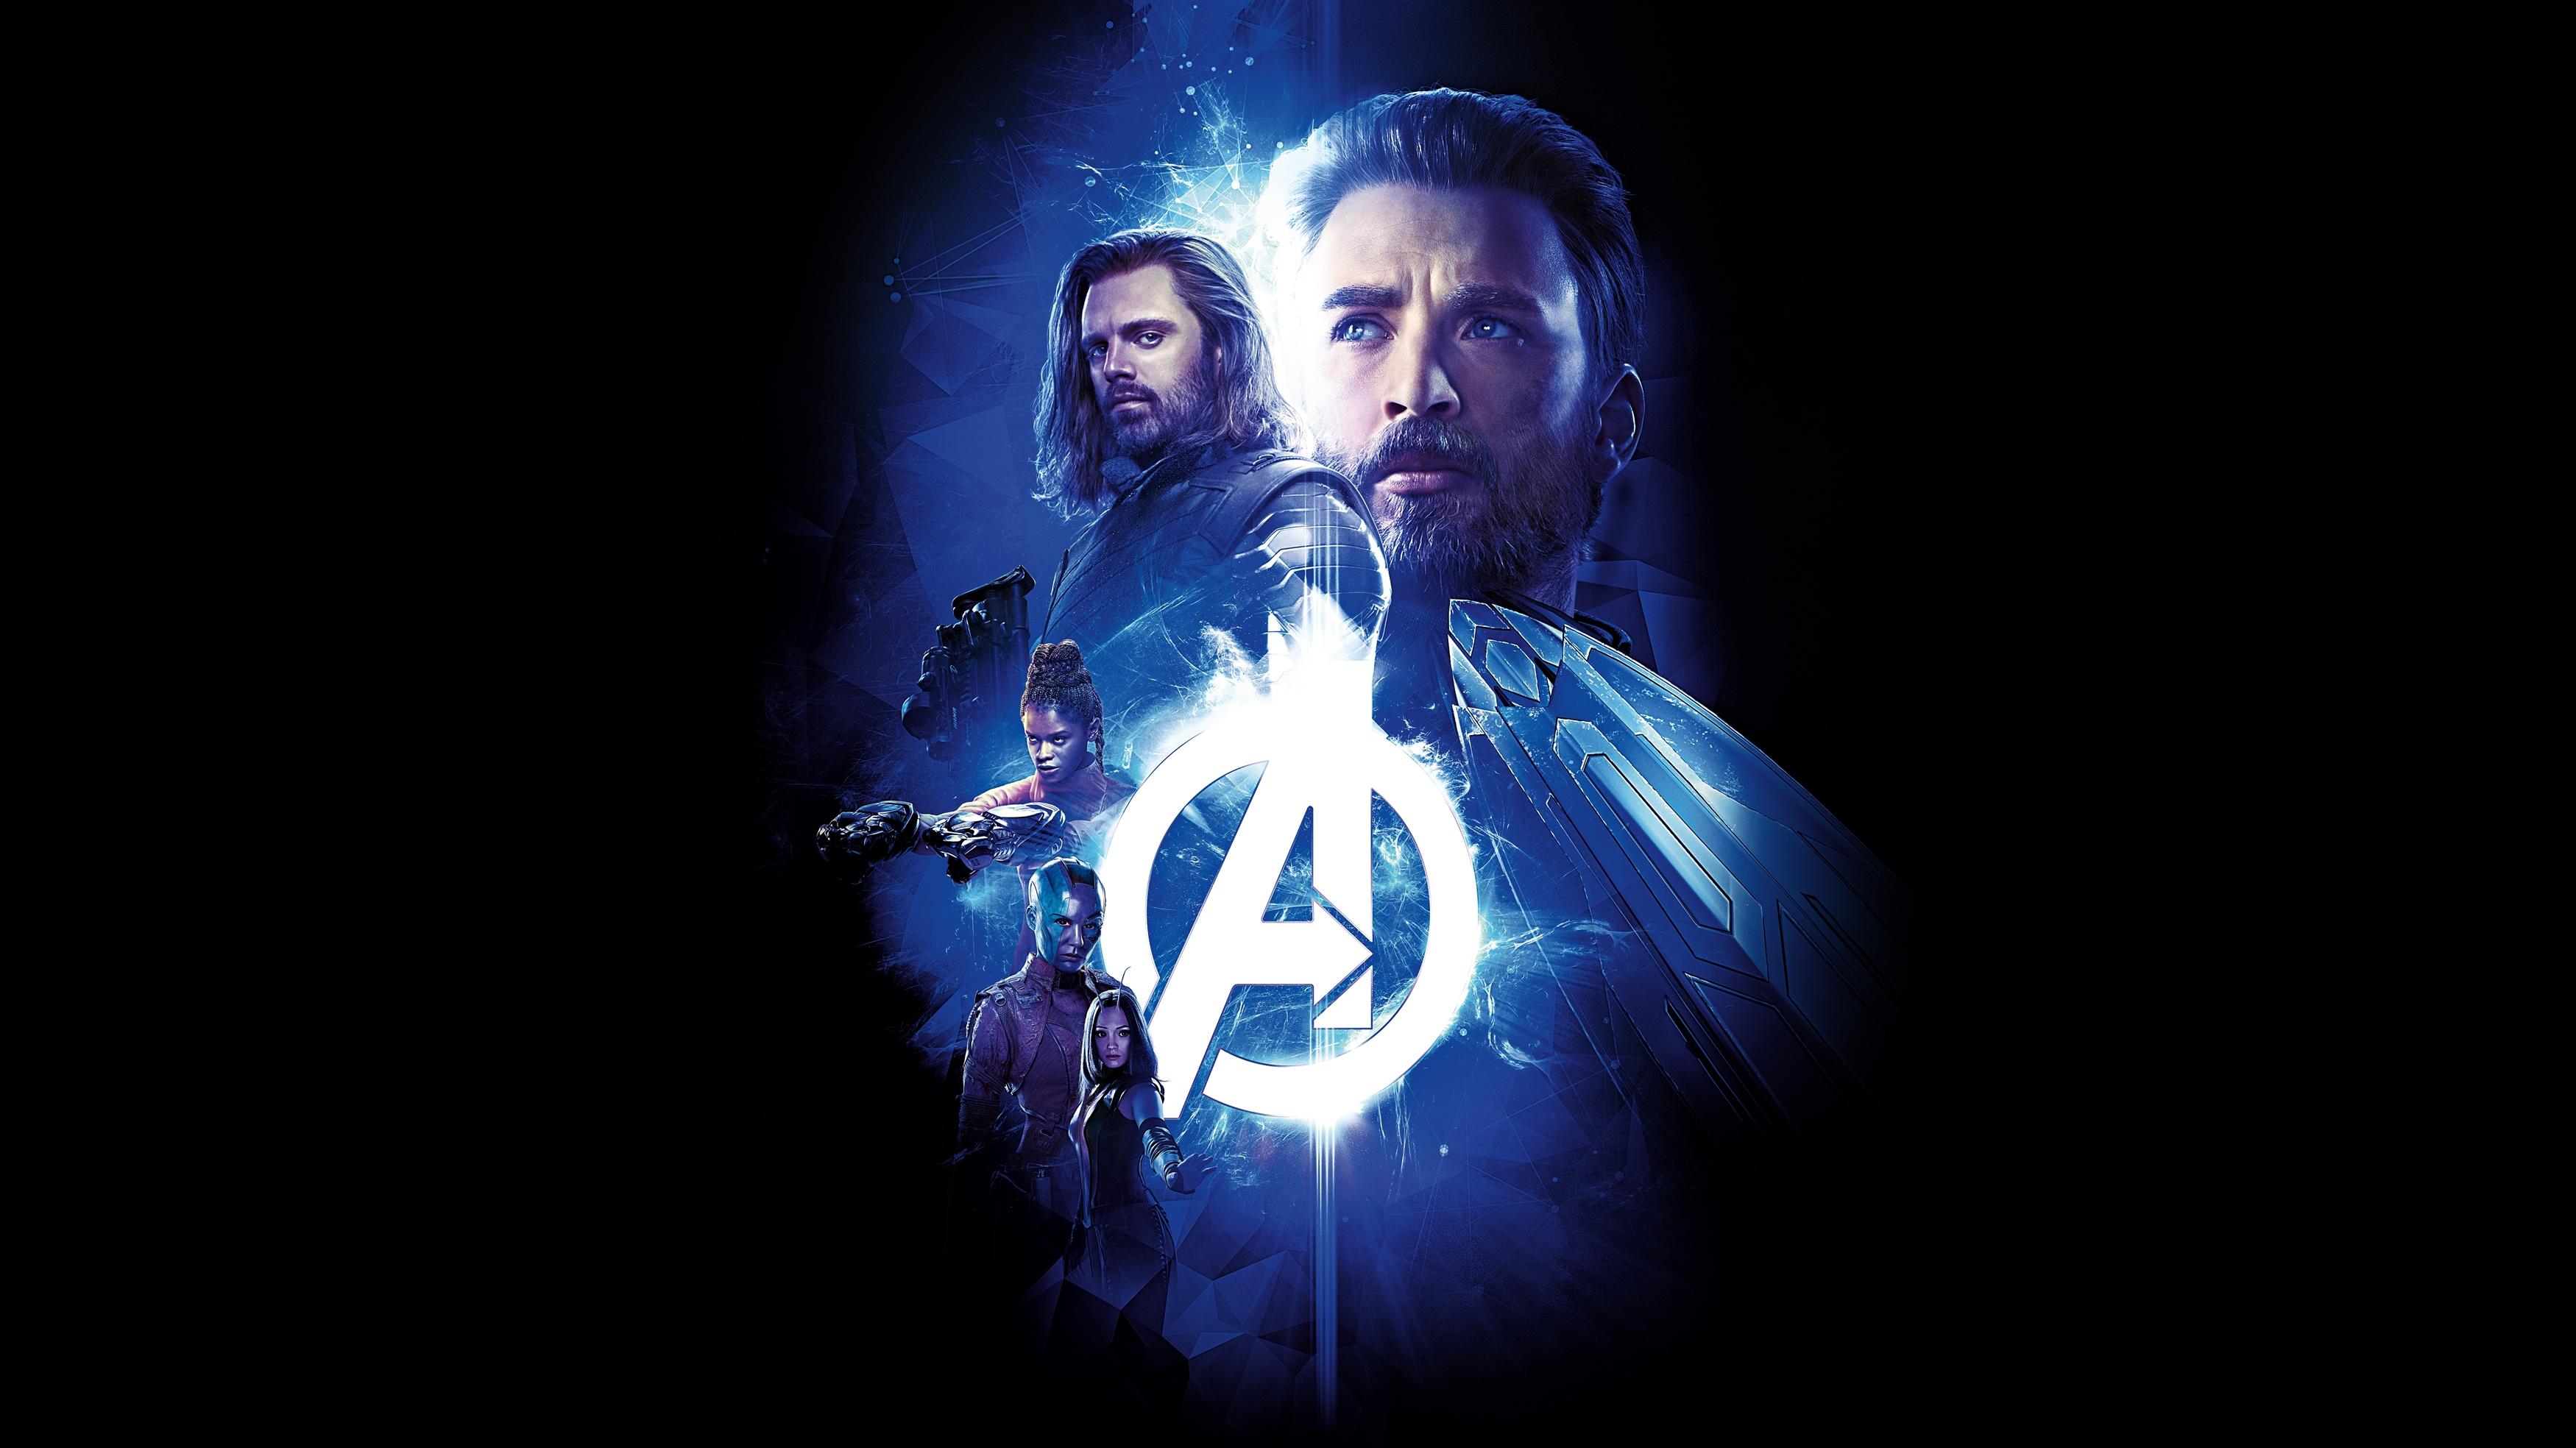 Мстители бесконечная война, Капитан Америка зимний солдат туманность богомол сюрикен обои скачать